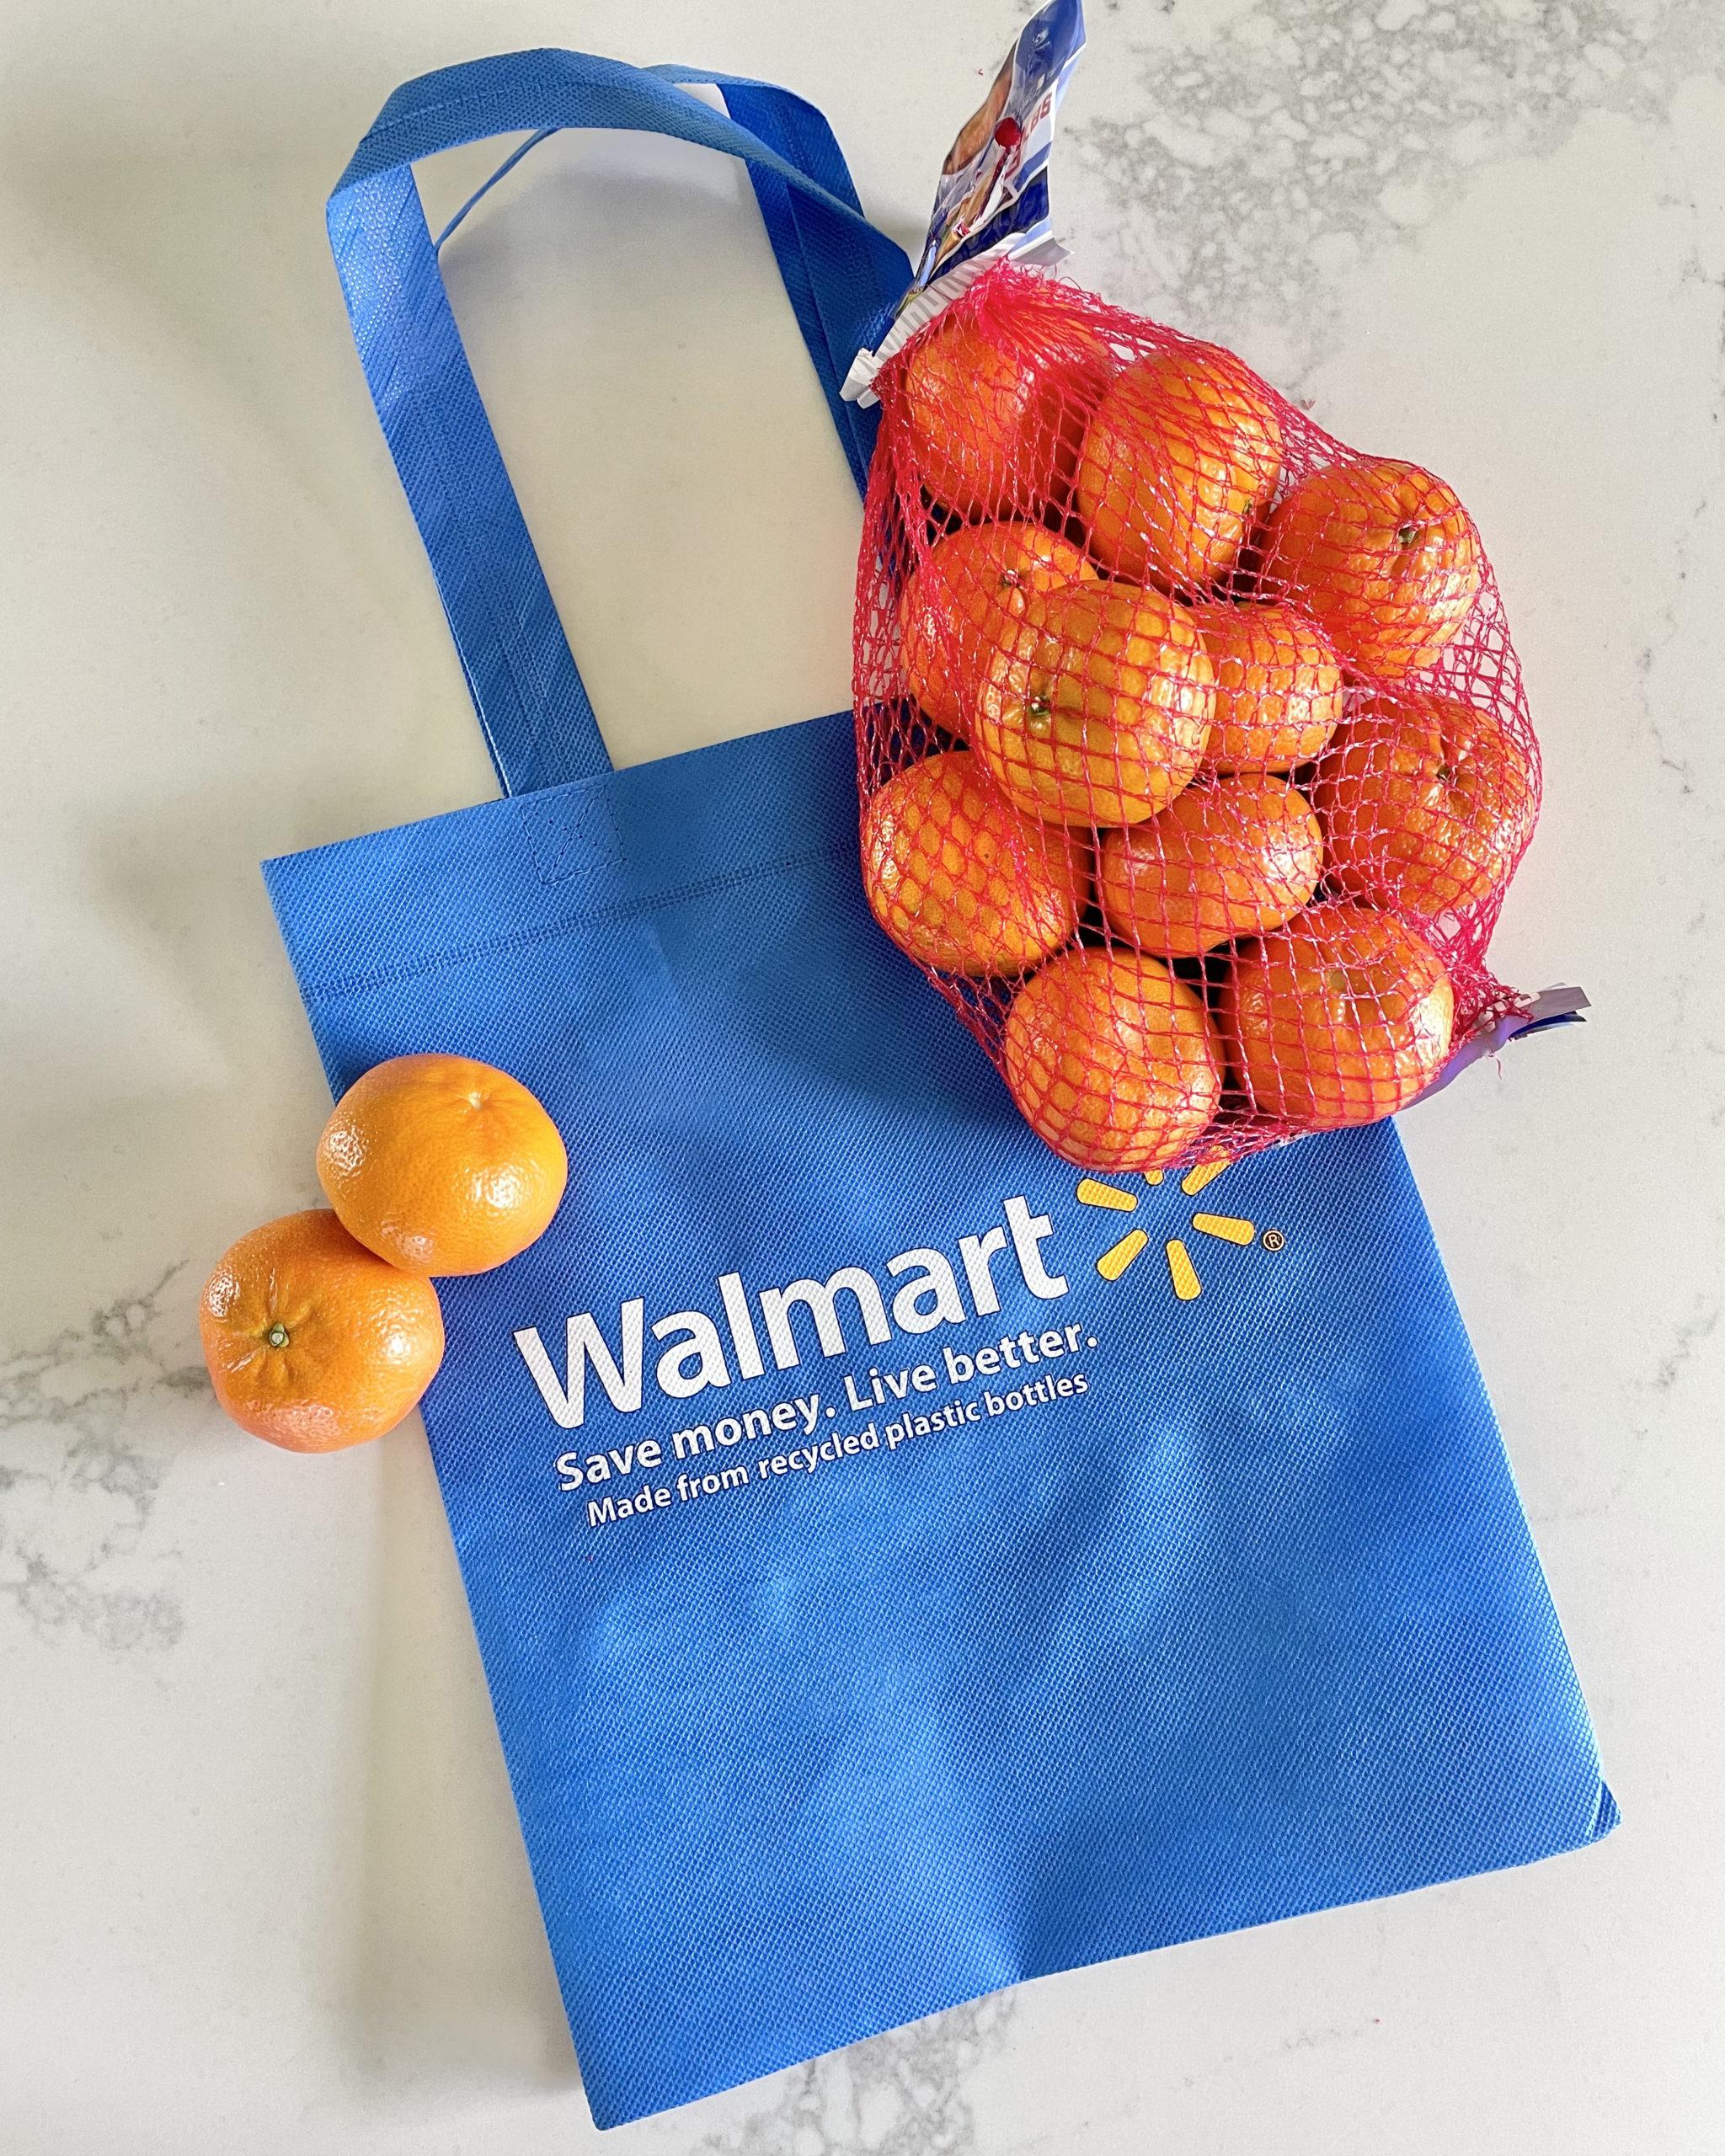 Chilean Citrus Mandarin Oranges